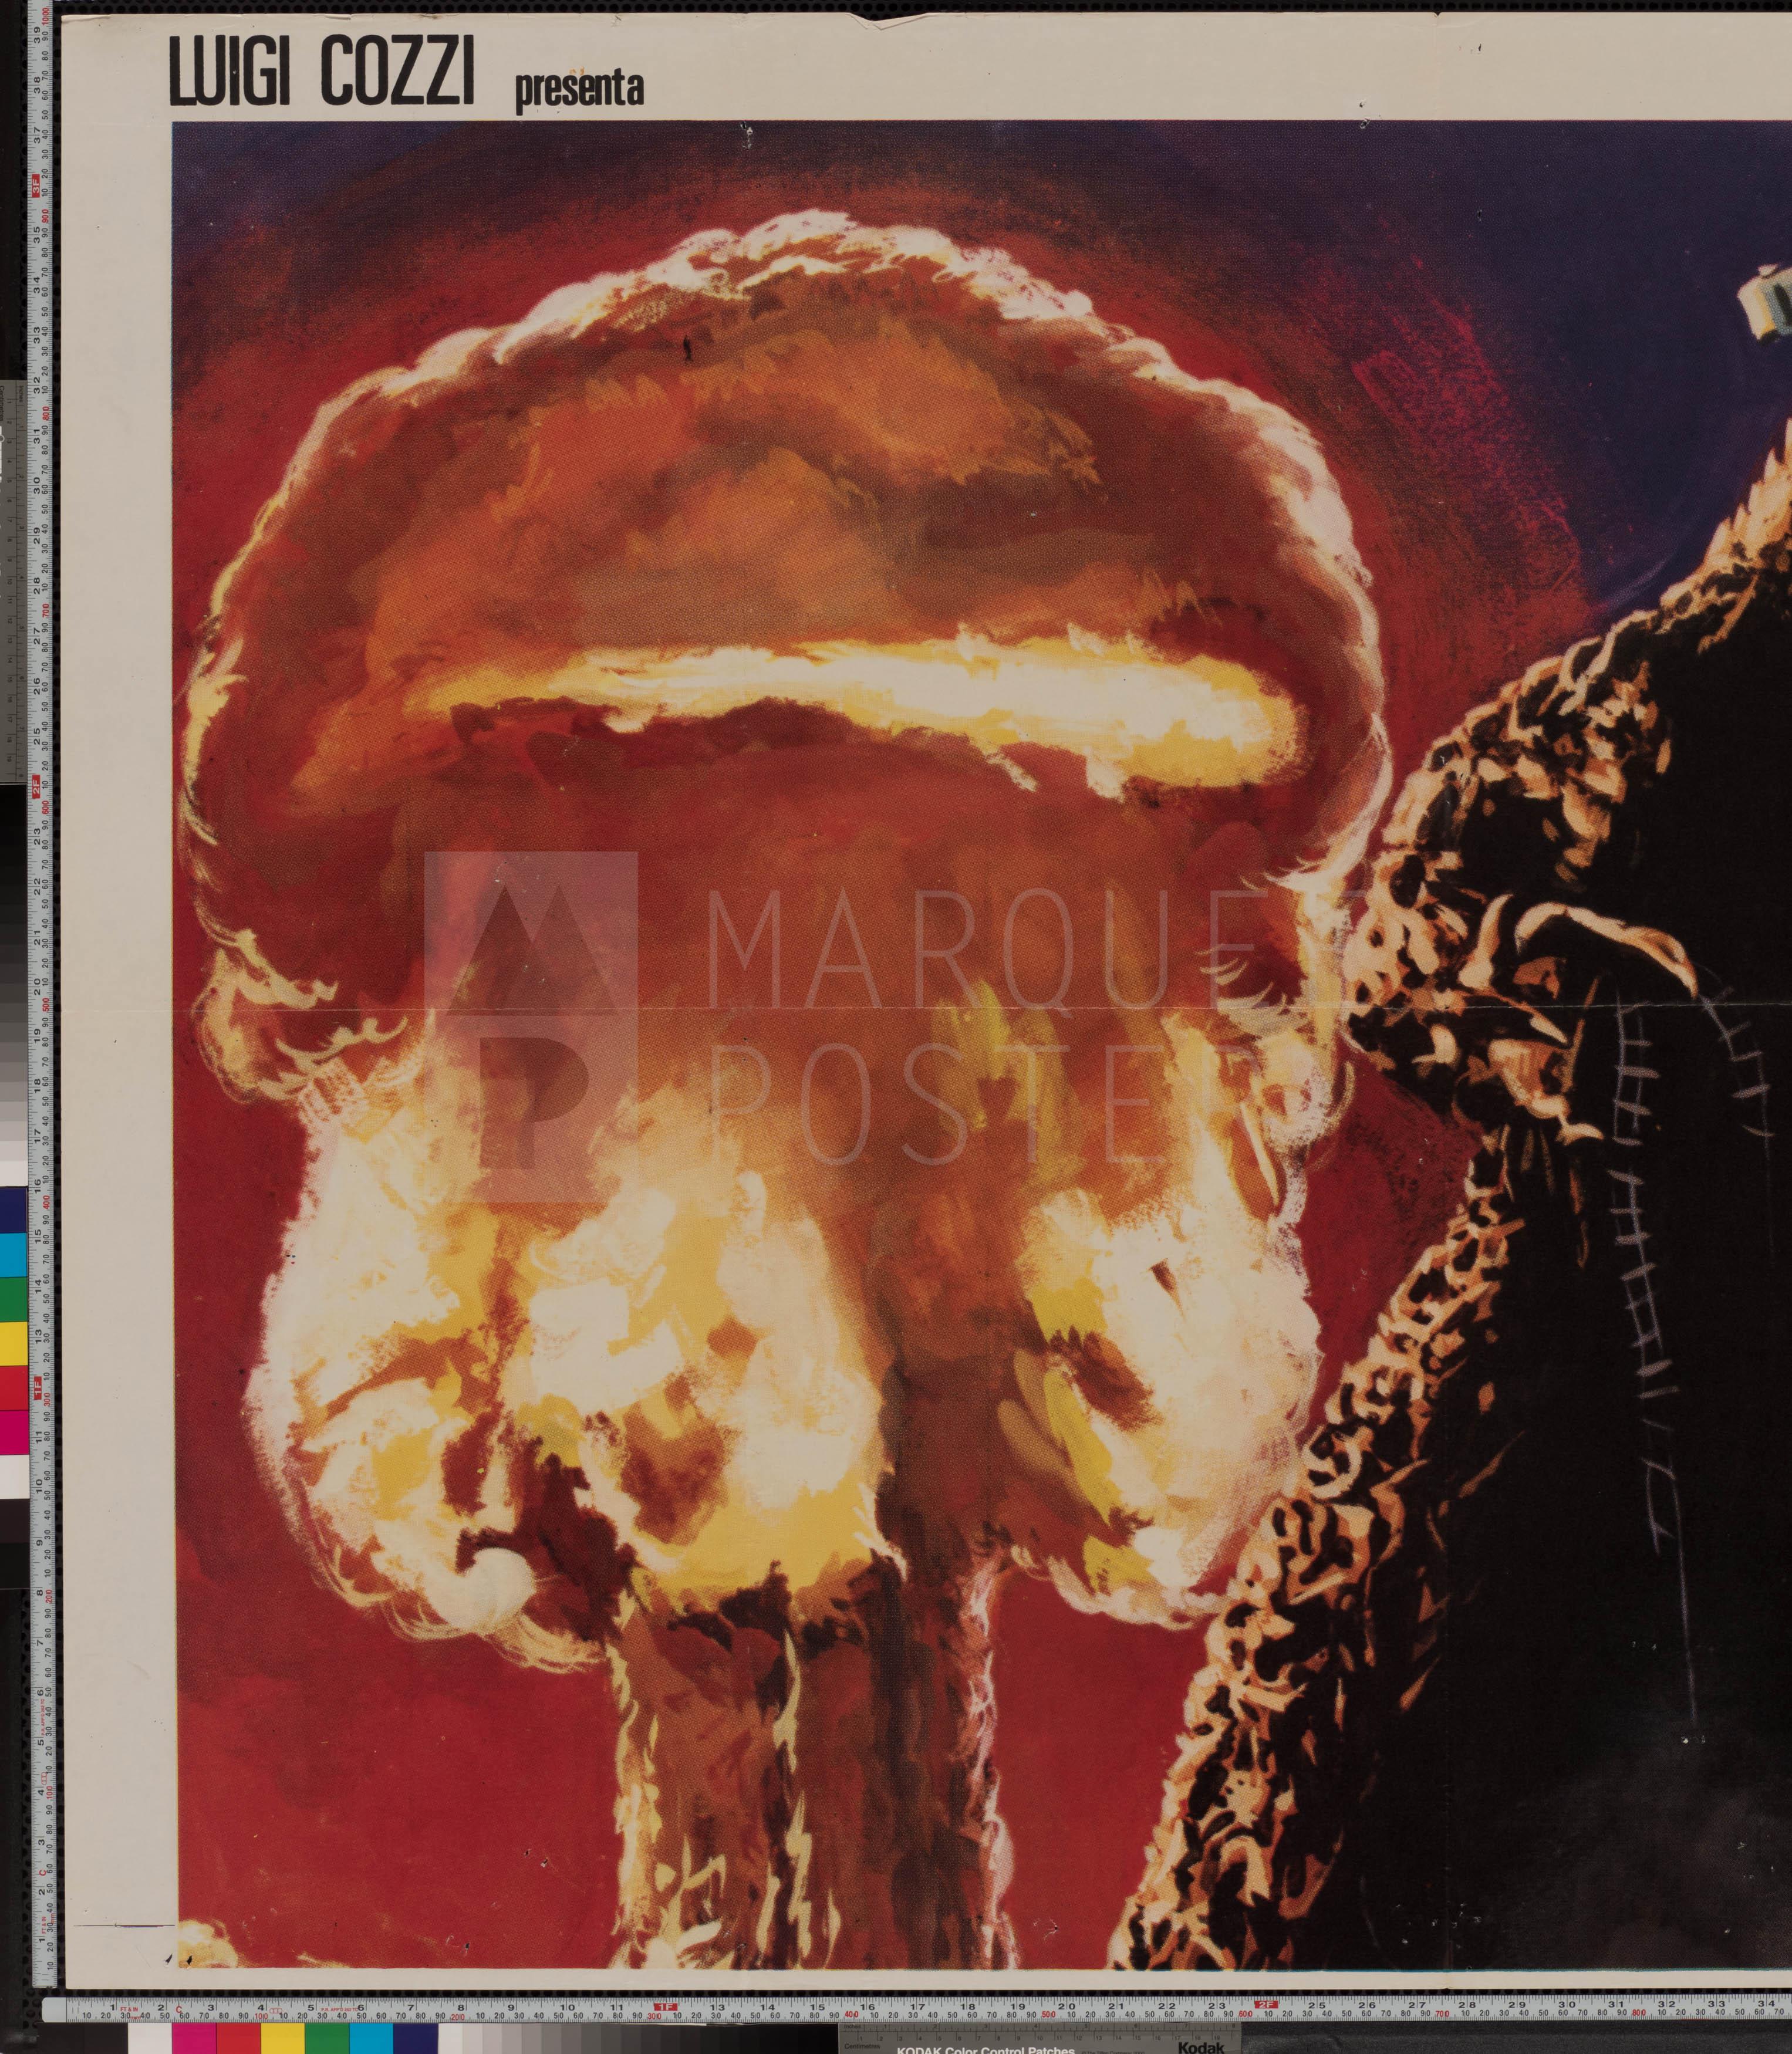 17-godzilla-re-release-italian-4-foglio-1977-02